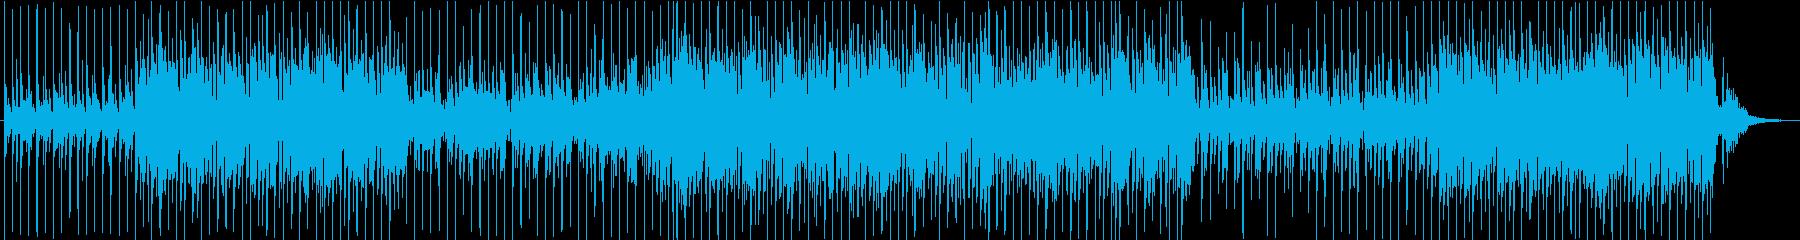 モダンなトランスグルーヴは、本物の...の再生済みの波形